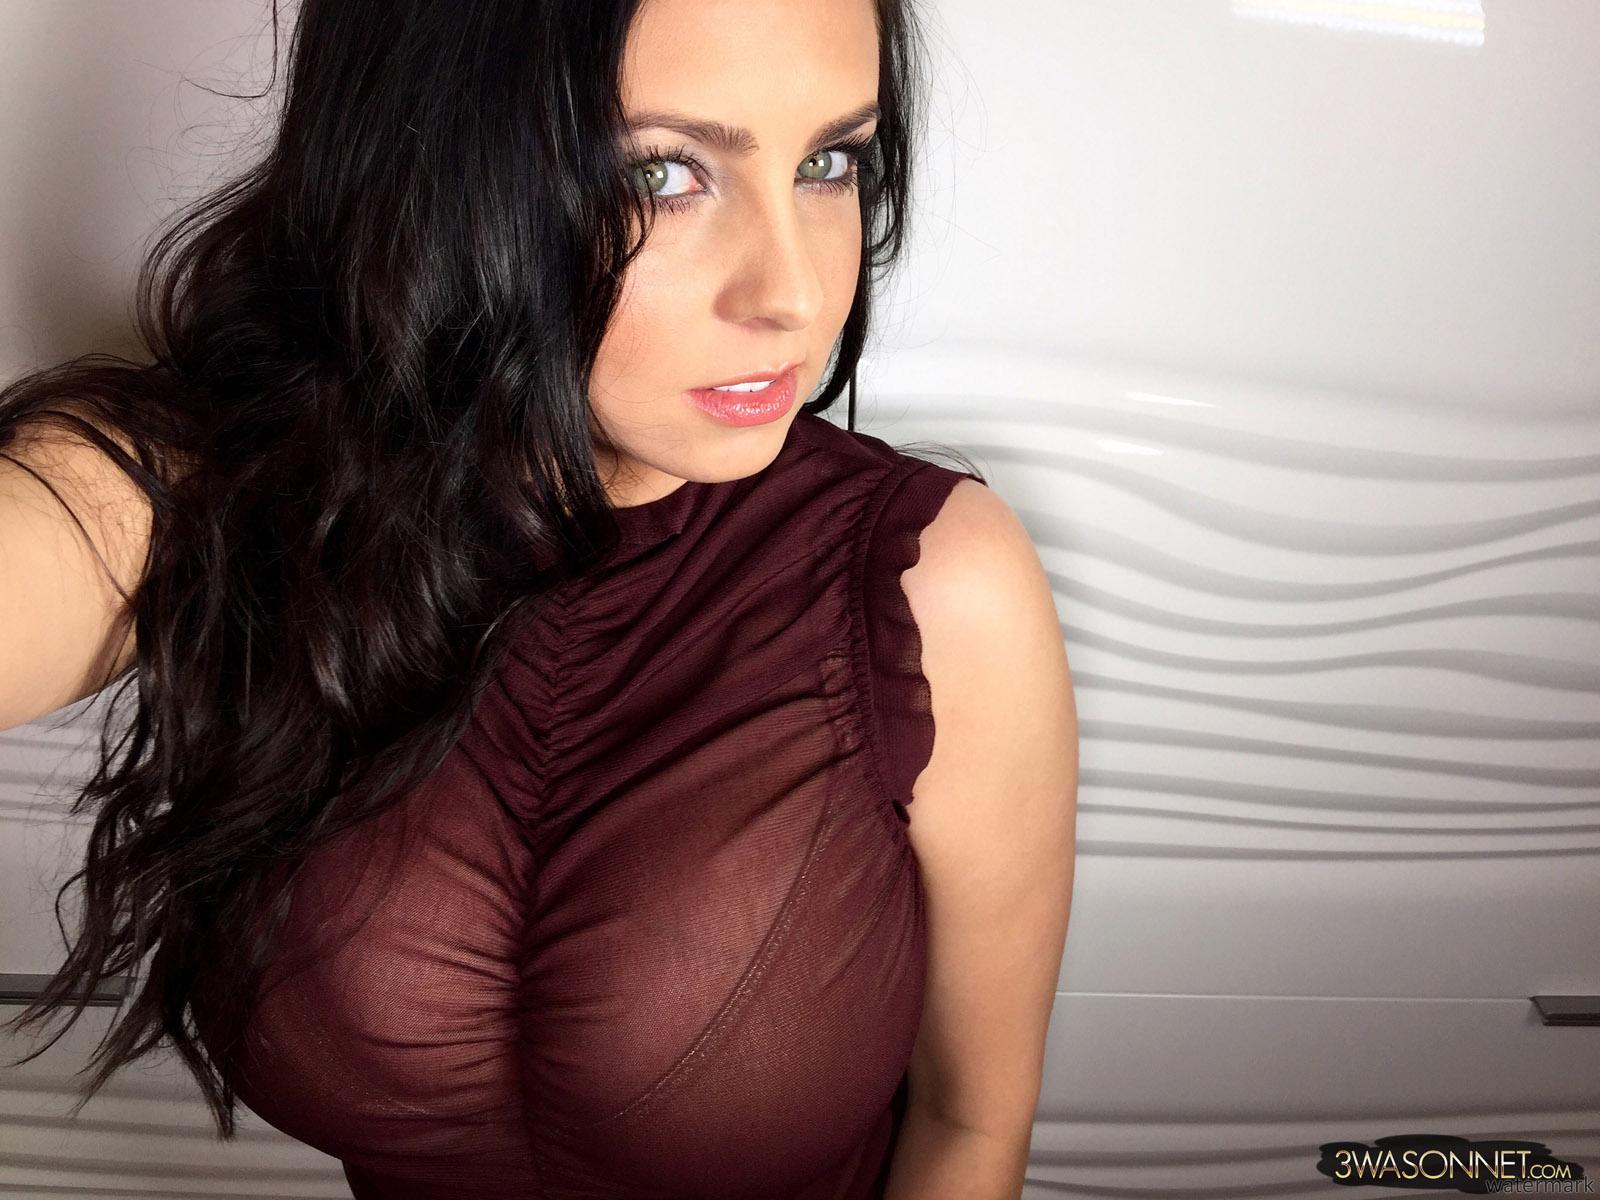 Huge brown tits see thru selfie